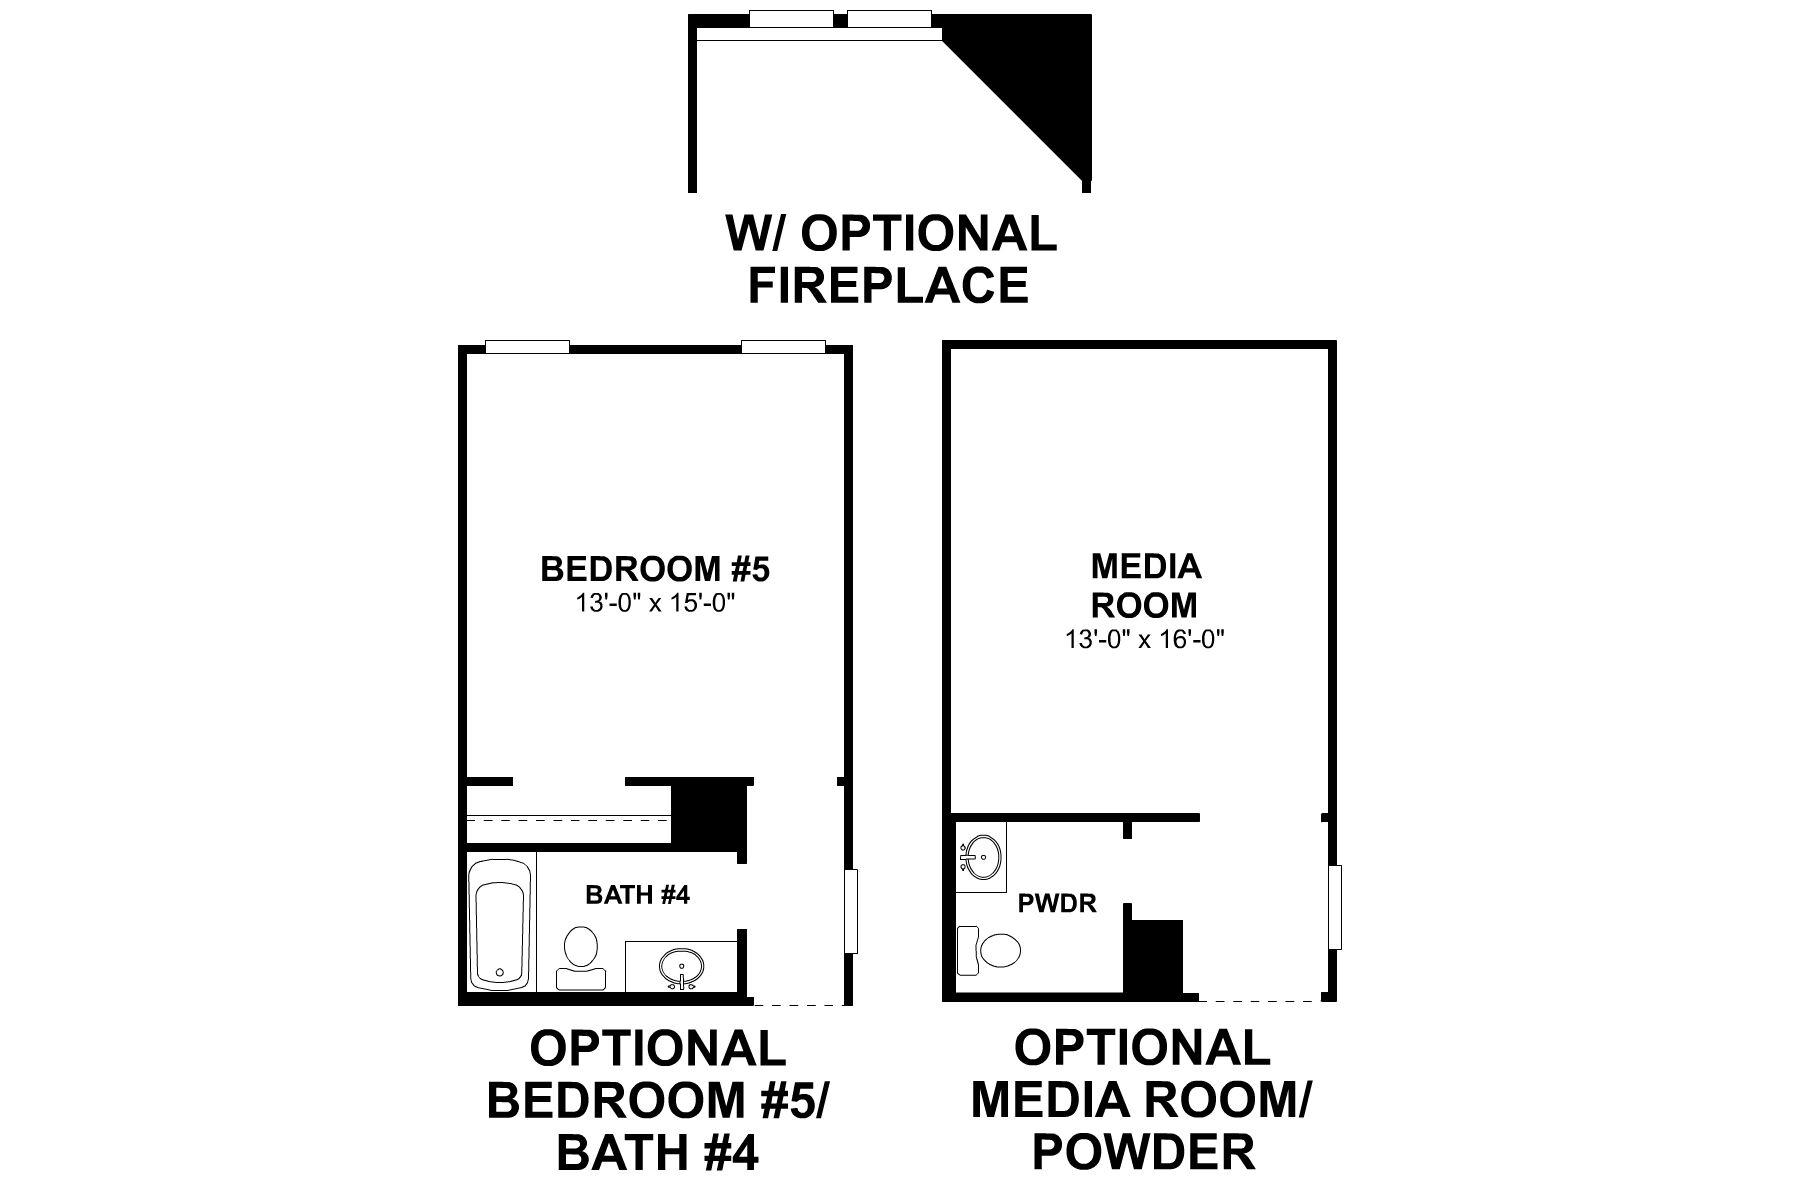 Balcones Second Floor Options